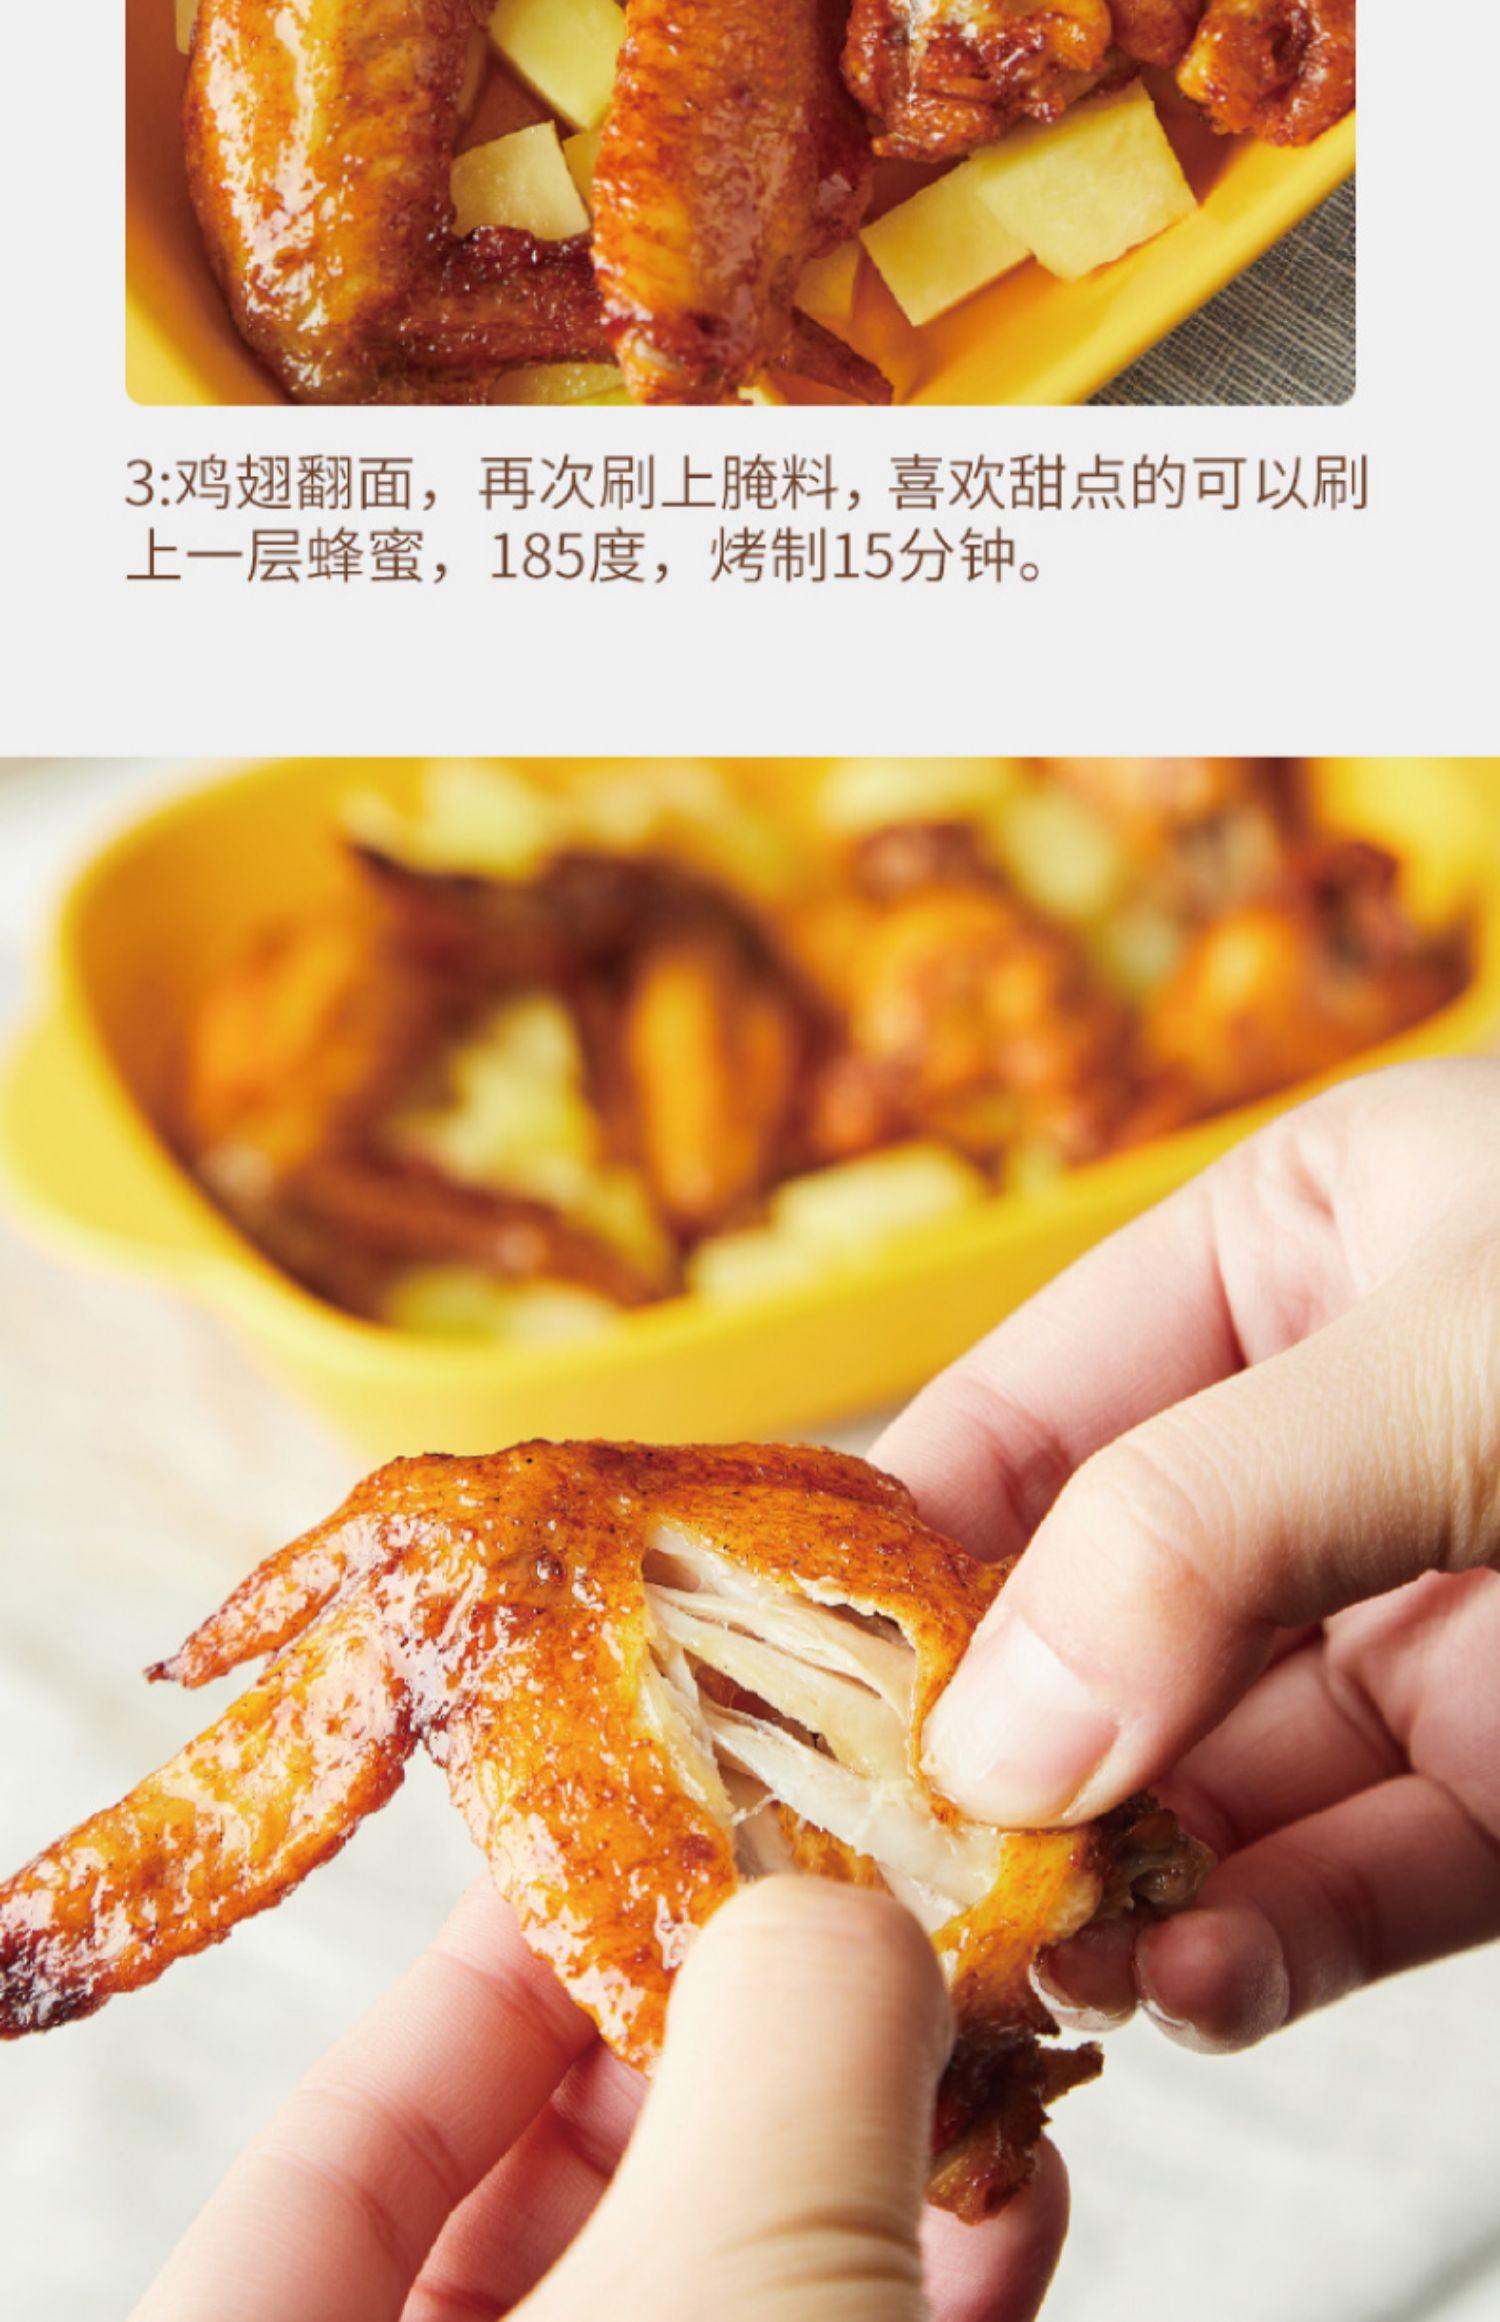 新奥尔良烤翅腌料家用烤鸡翅粉炸鸡烤肉腌肉烧烤料调料官方旗舰店